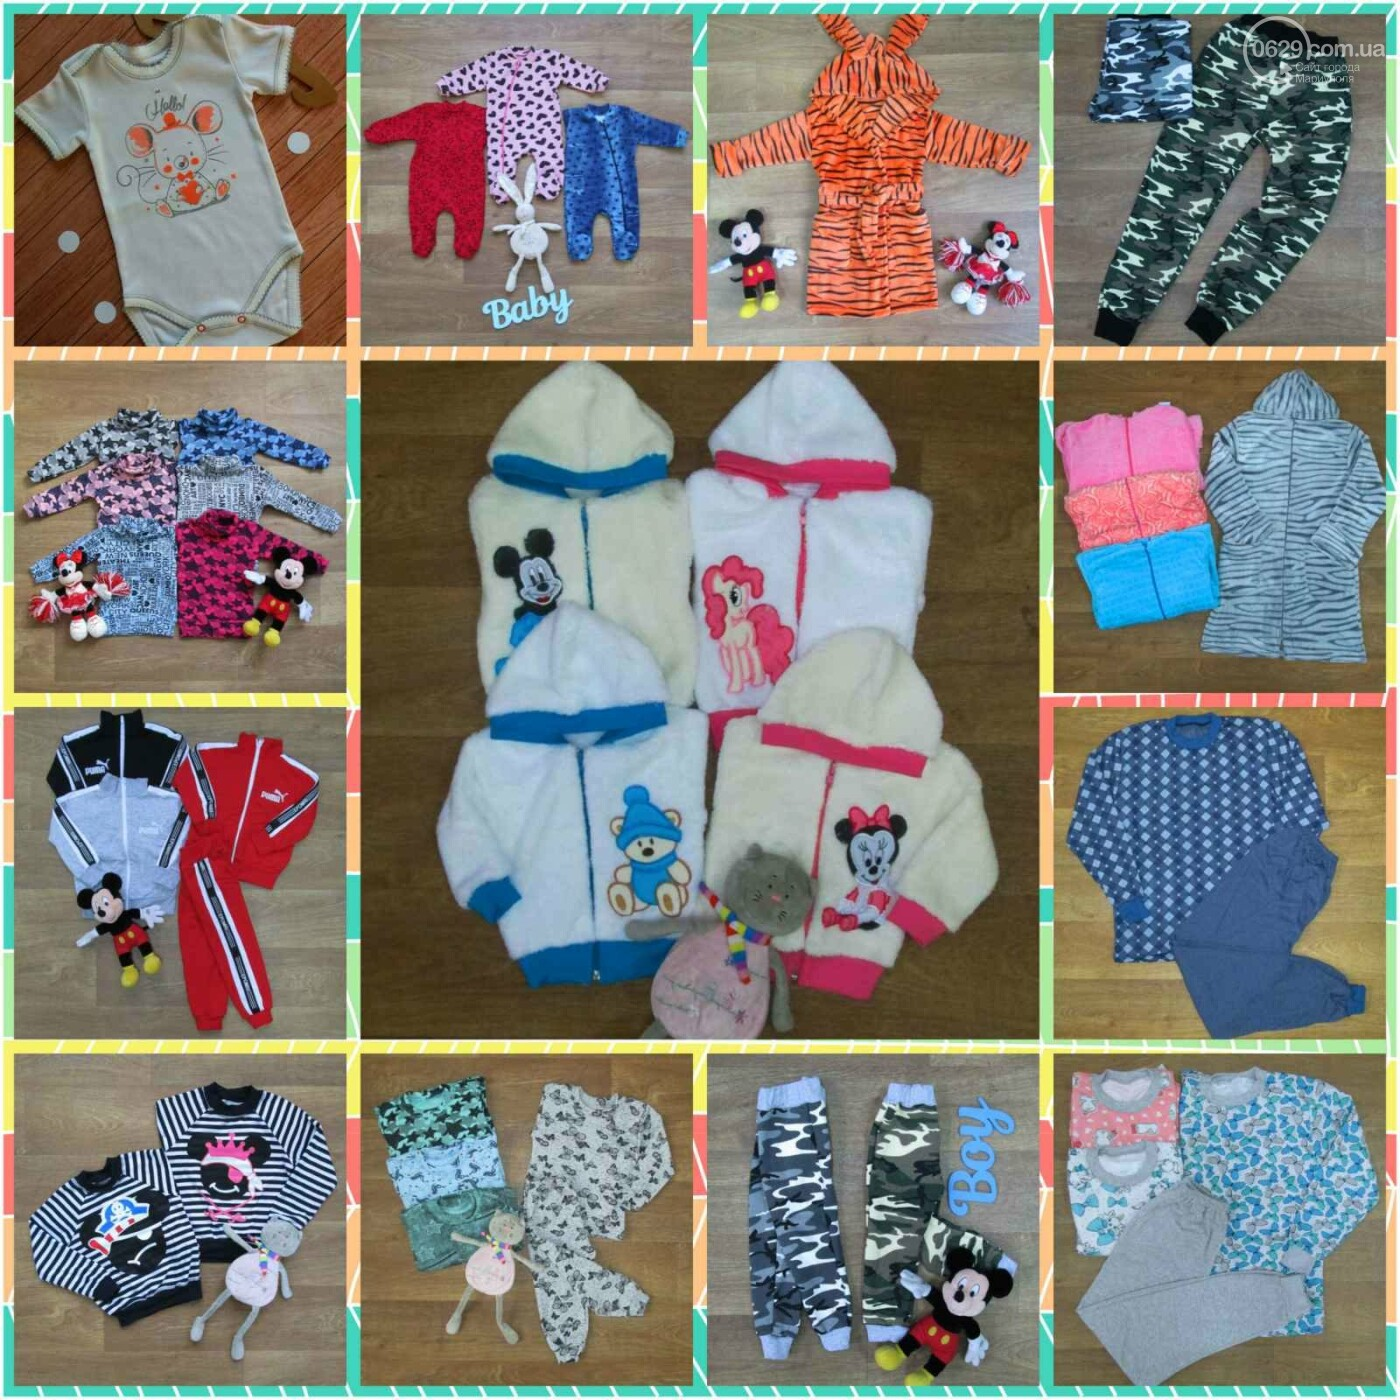 Детская одежда. Одежда для новорожденных, фото-1